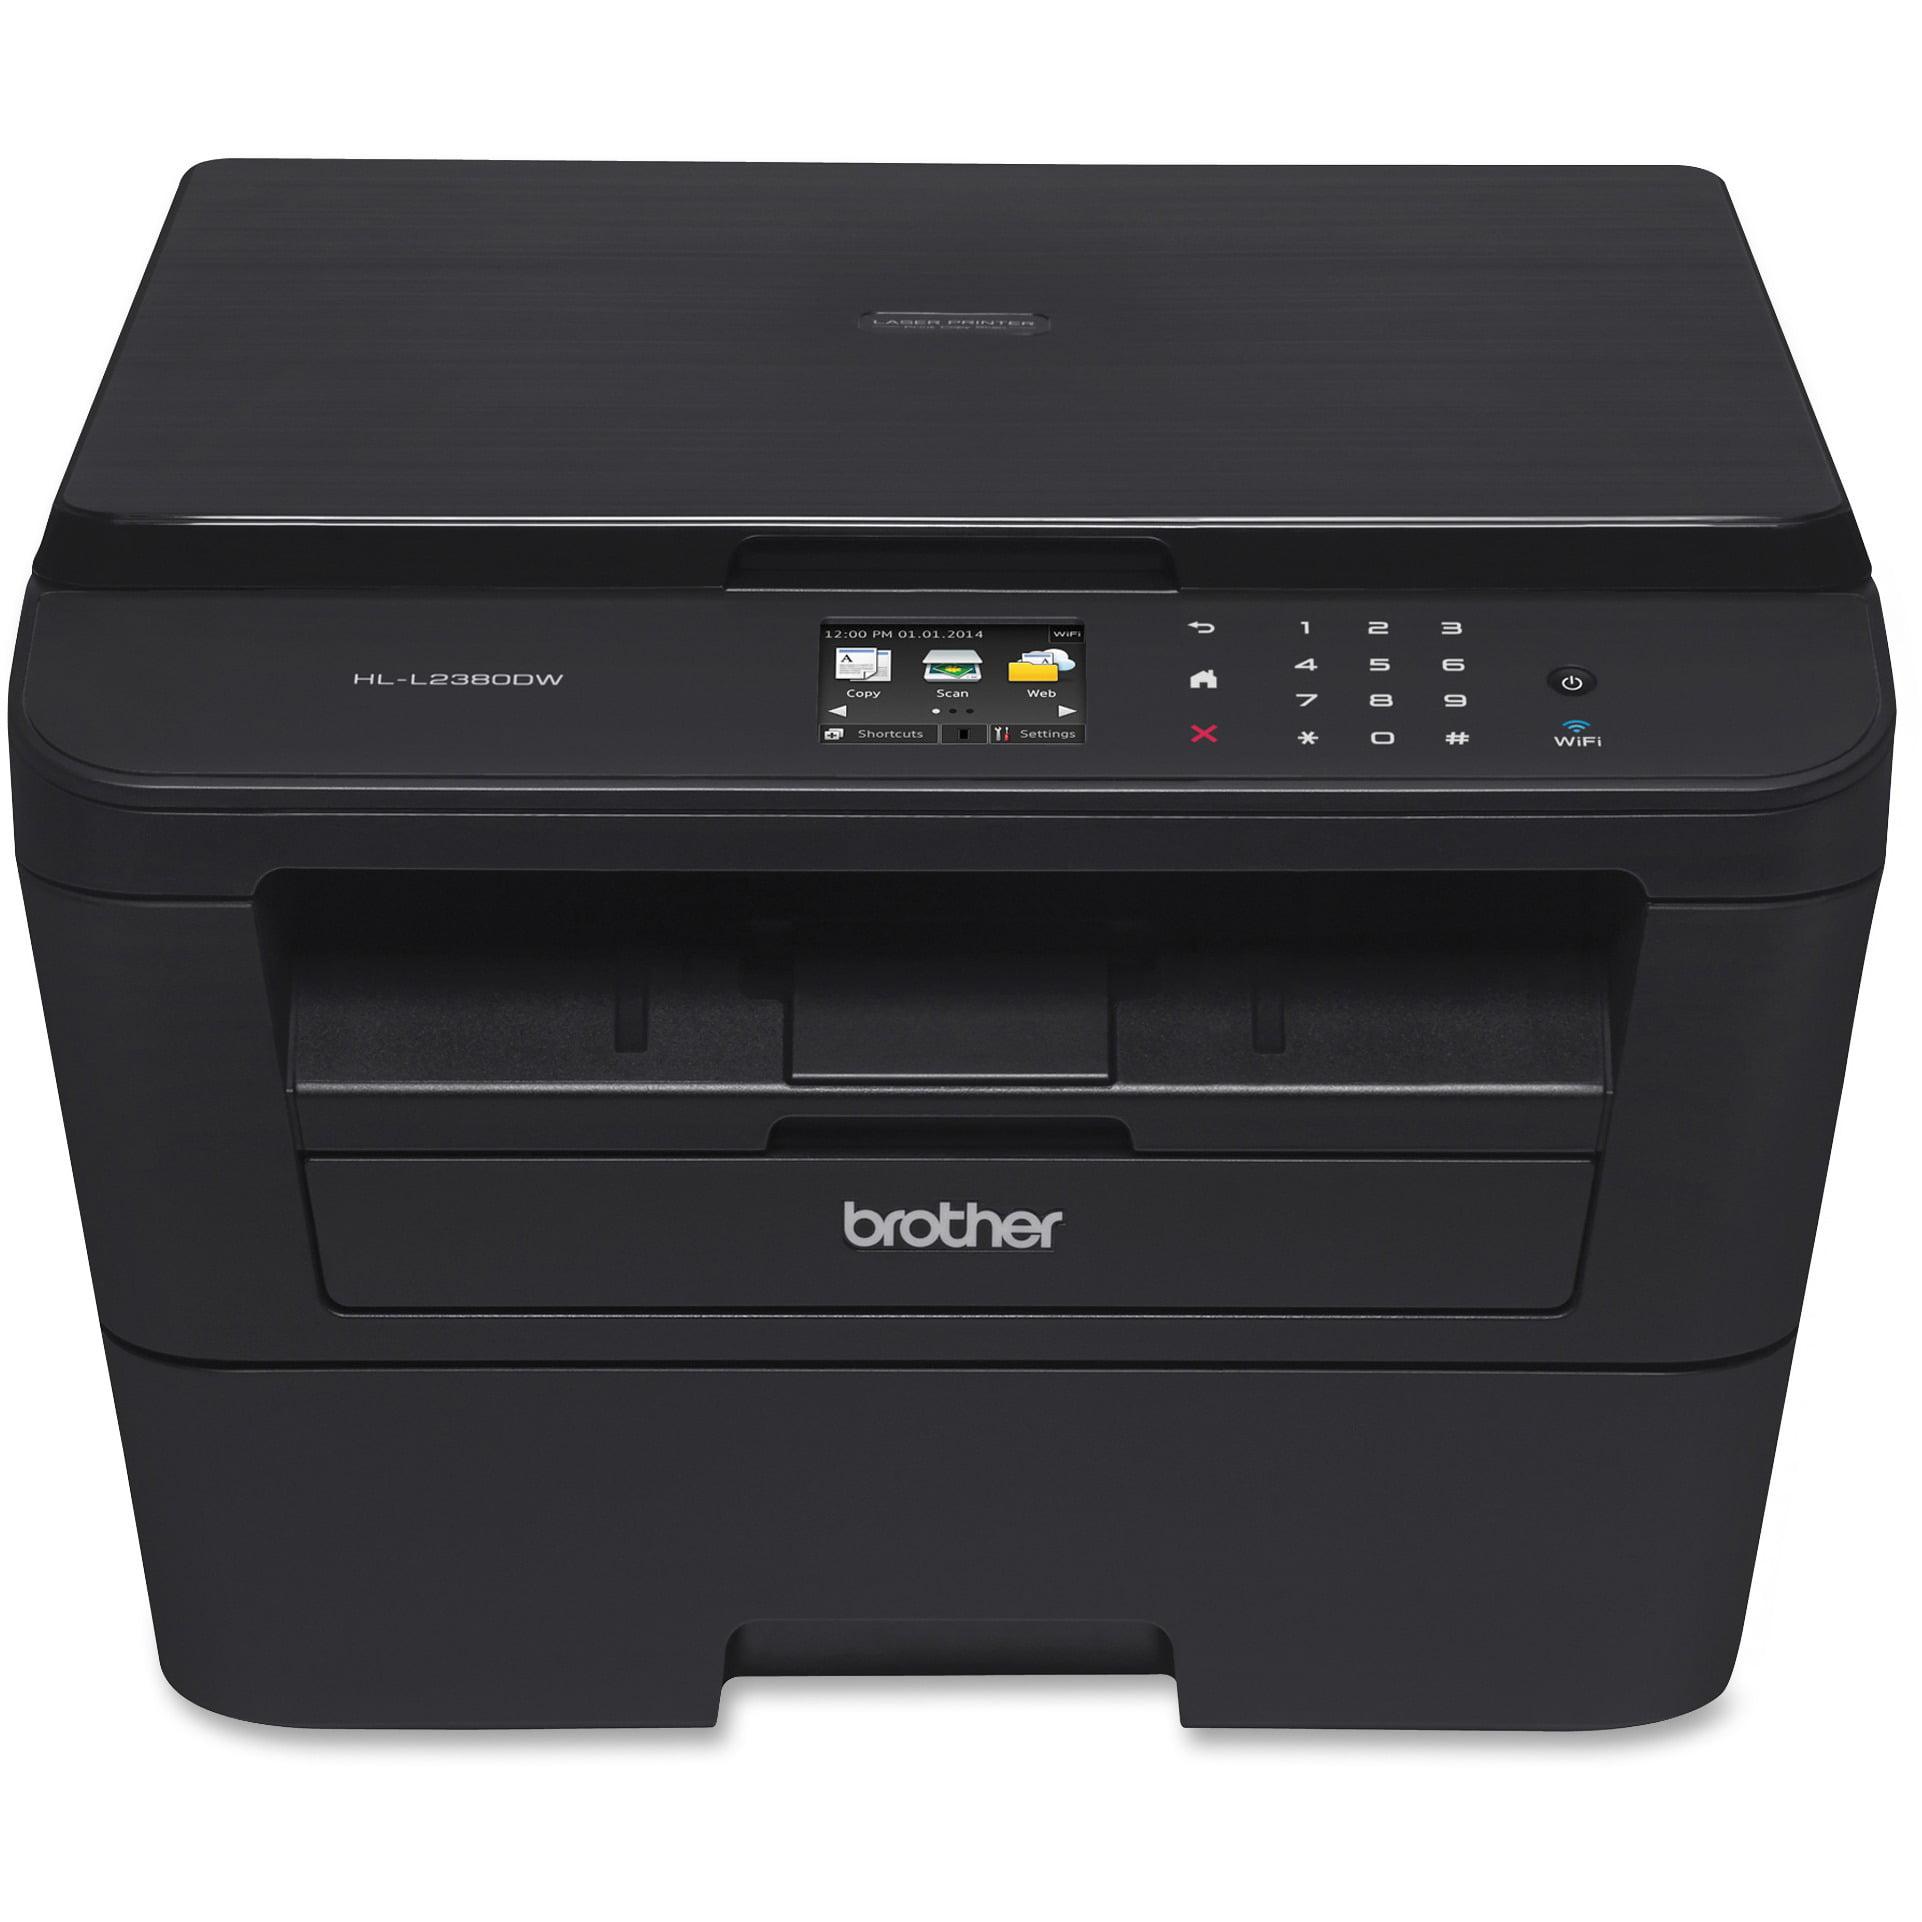 HL-L2380DW Monochrome Laser Printer